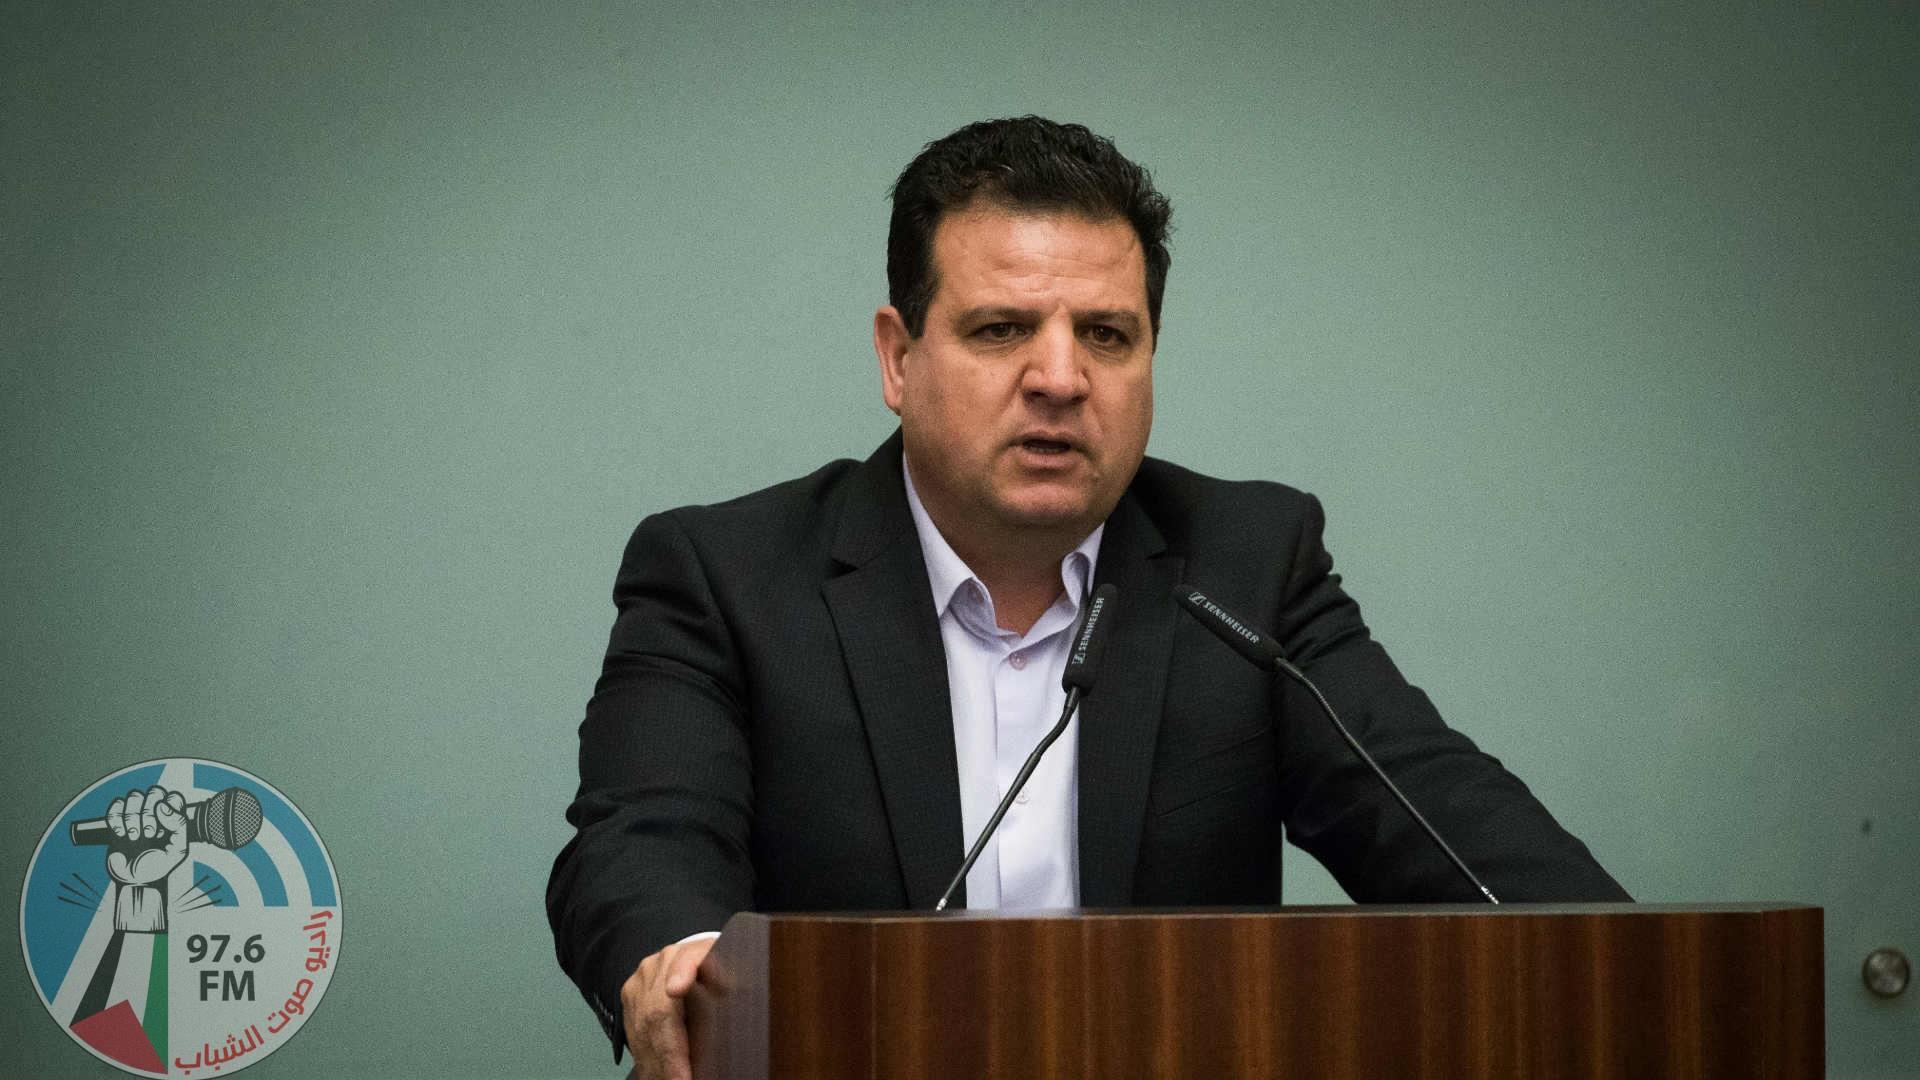 عودة: الفلسطينيّون سيقطعون أنفاس الاحتلال وسيتحررون